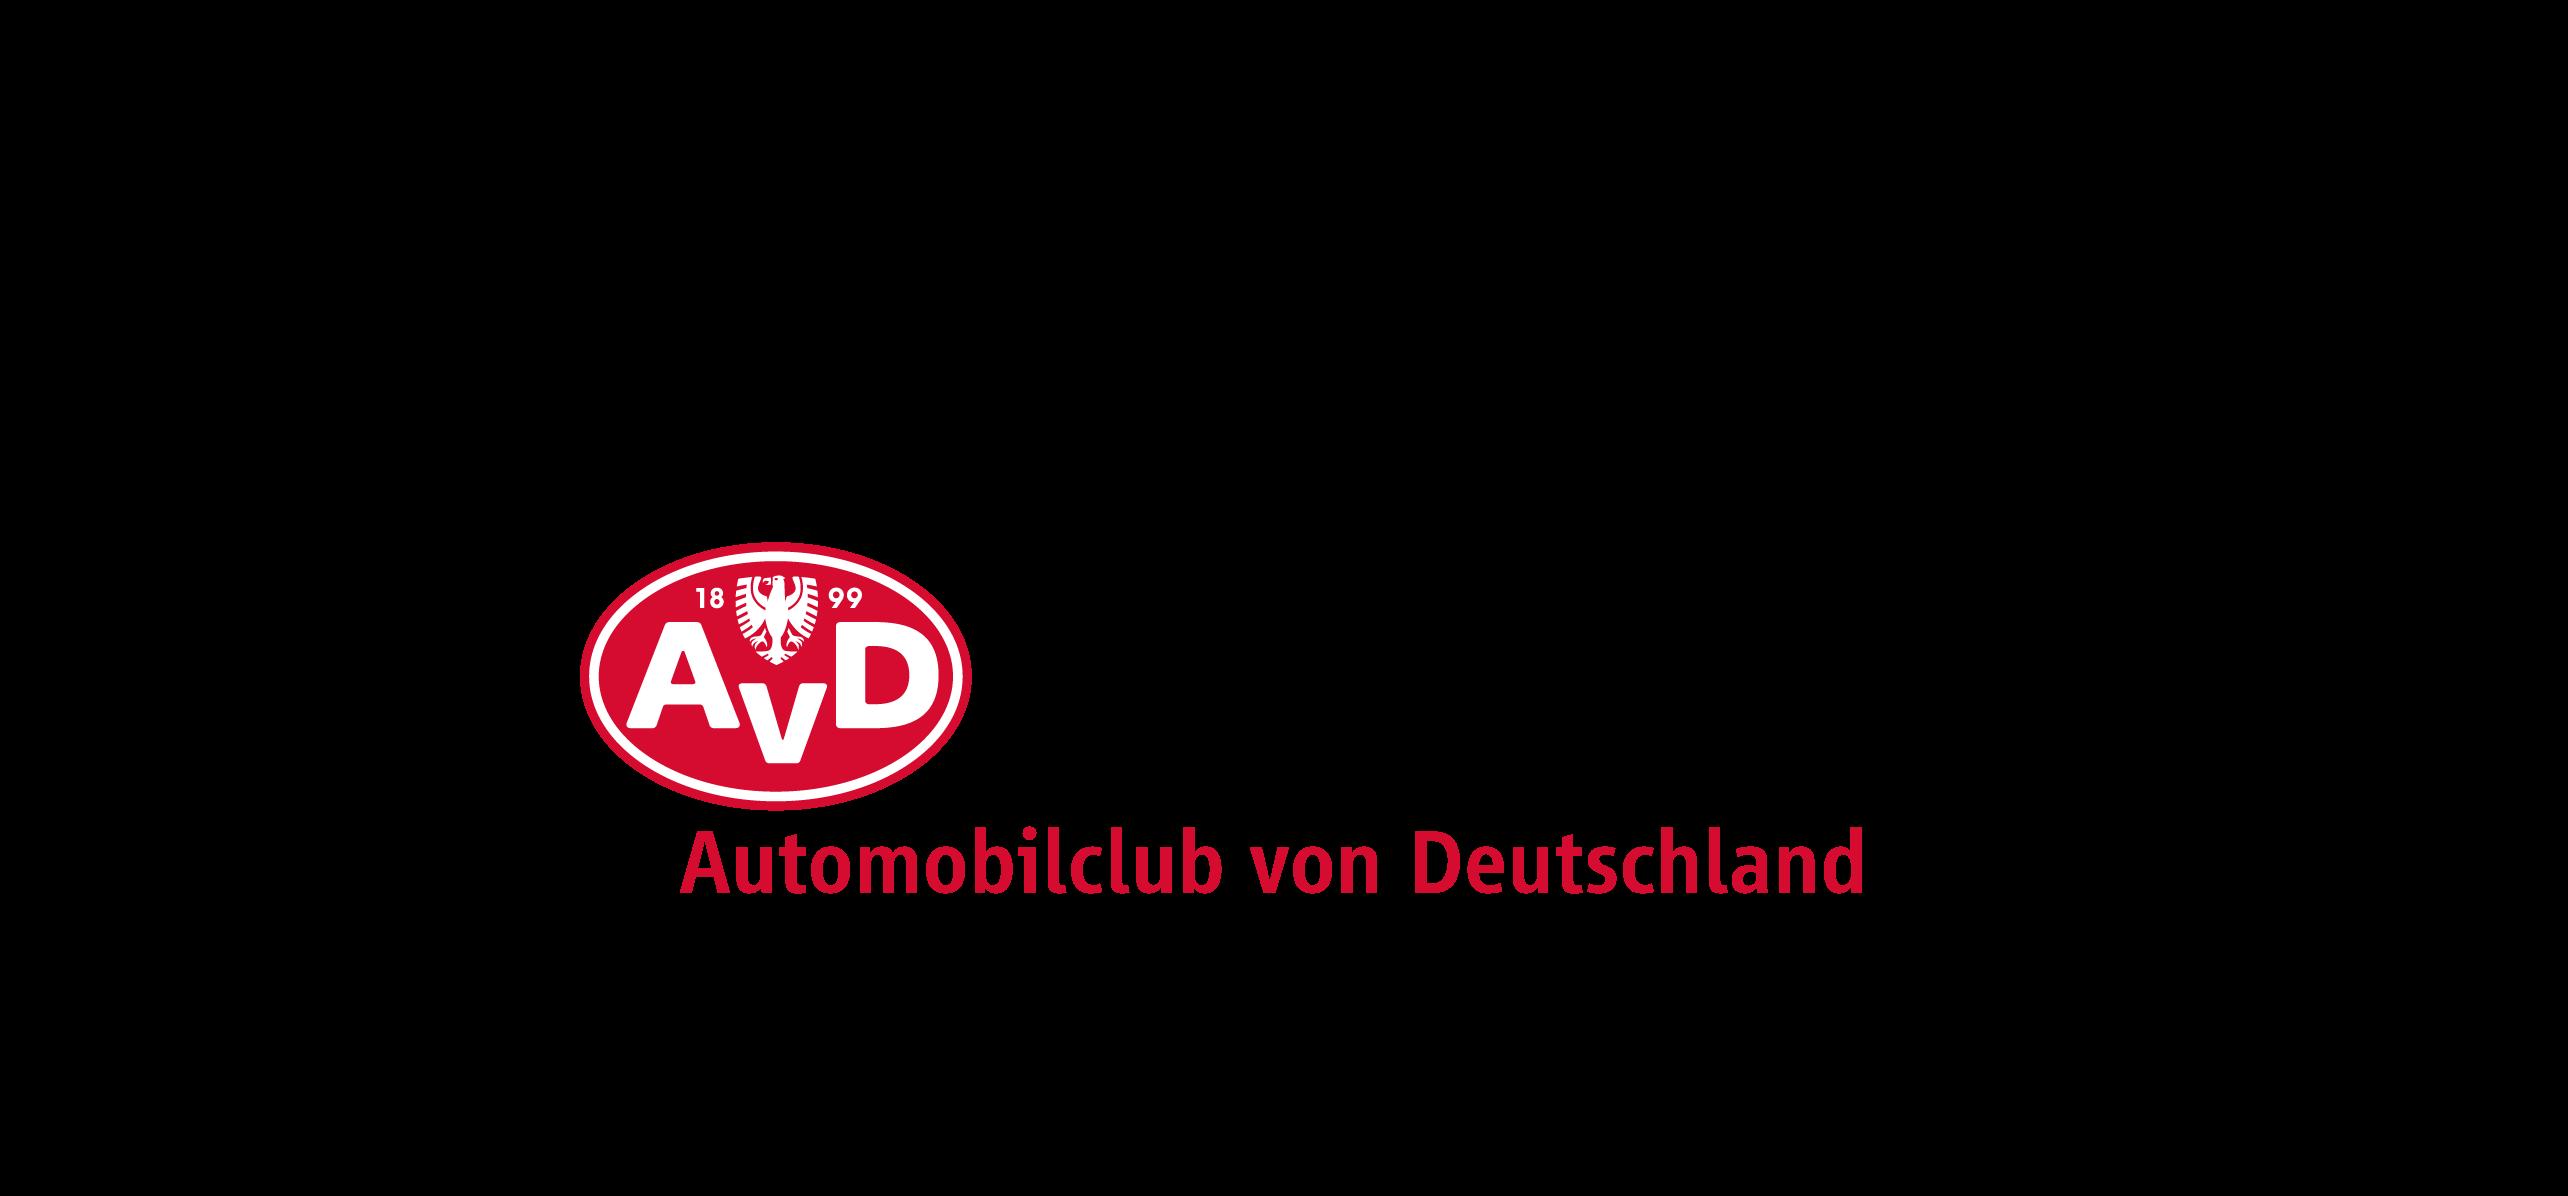 automobilclub deutschland